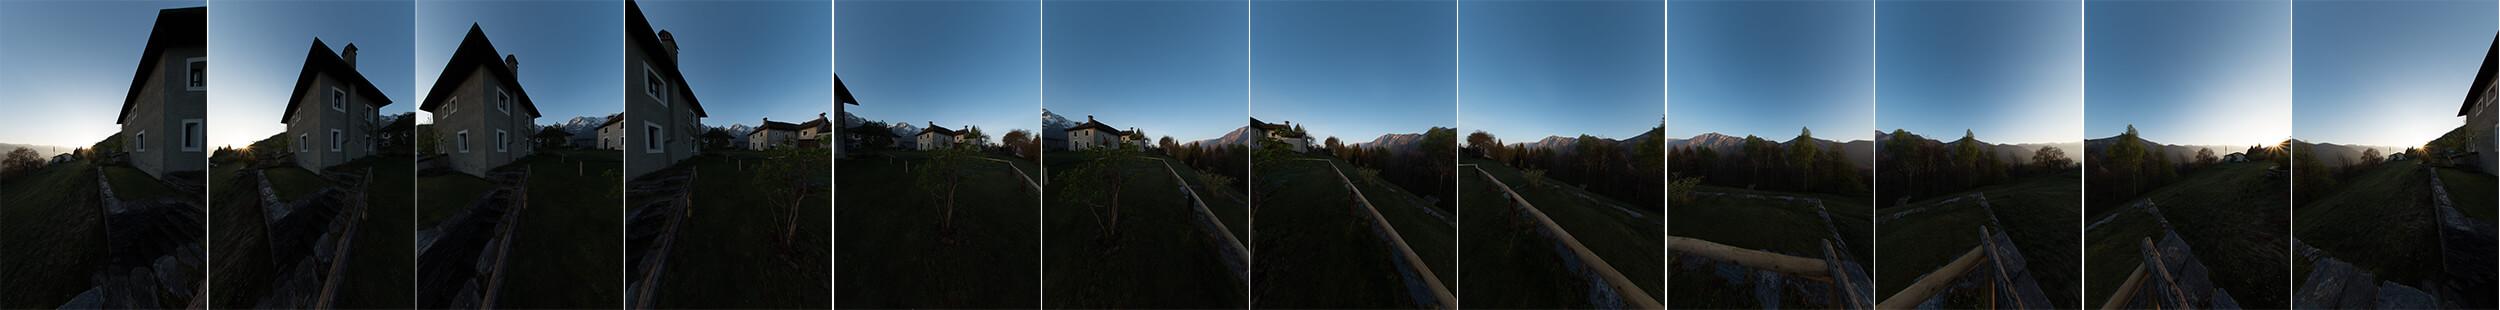 Über Lightroom kann die Verzerrung des Fisheyobjektivs herausgerechnet werden. Erst diese entzerrten Bilder können zusammengestitcht werden: